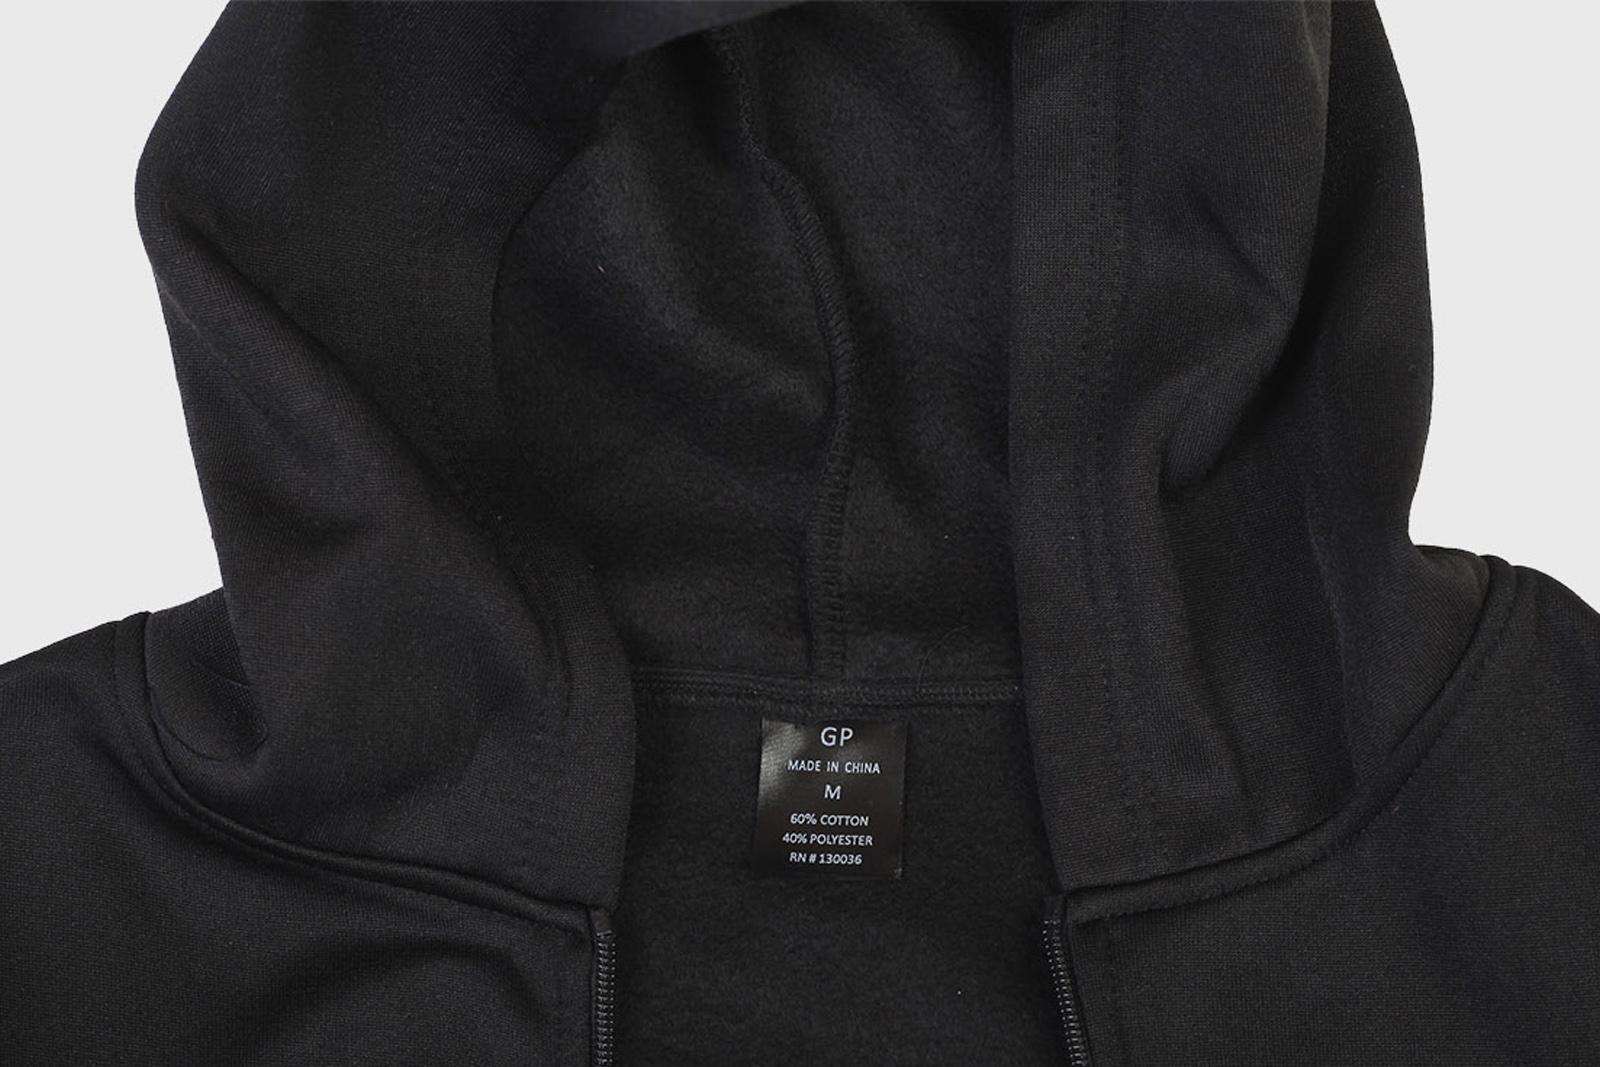 Черная крутая толстовка с символикой ОДОН ВВ МВД на груди и спине - купить в подарок